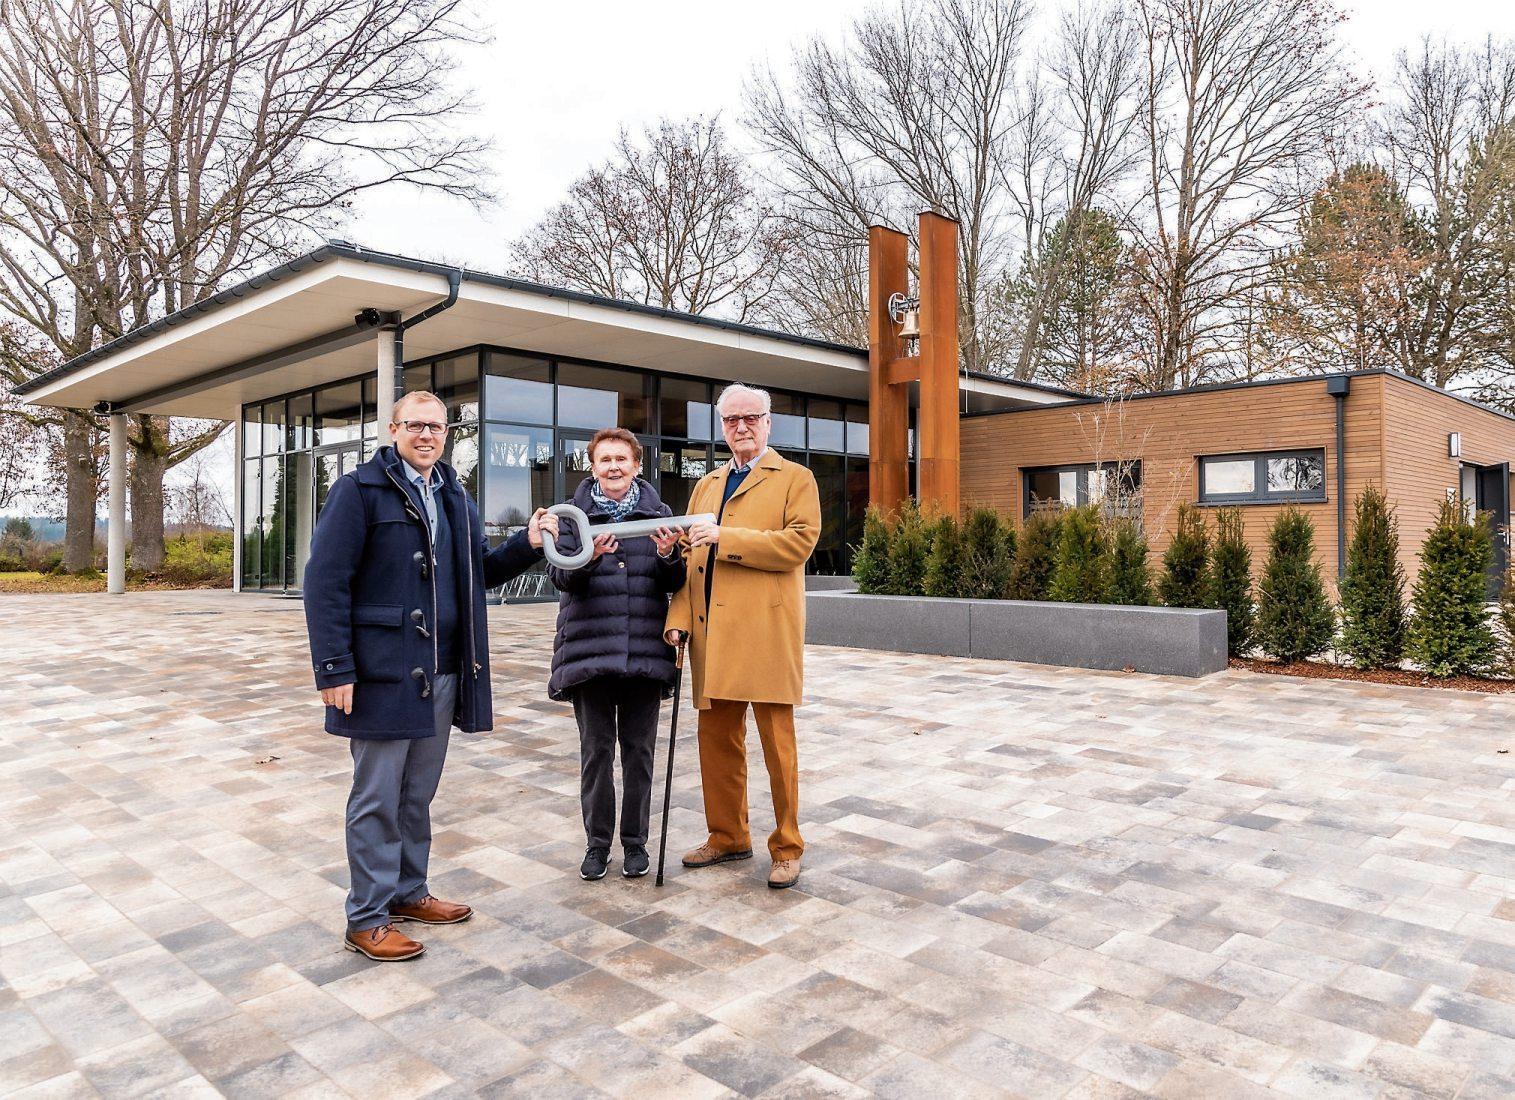 Das Ehepaar Irene und Pius Brändle bei der symbolischen Schlüsselübergabe an Empfingens Bürgermeister Ferdinand Truffner. Bilder: Gemeinde Empfingen